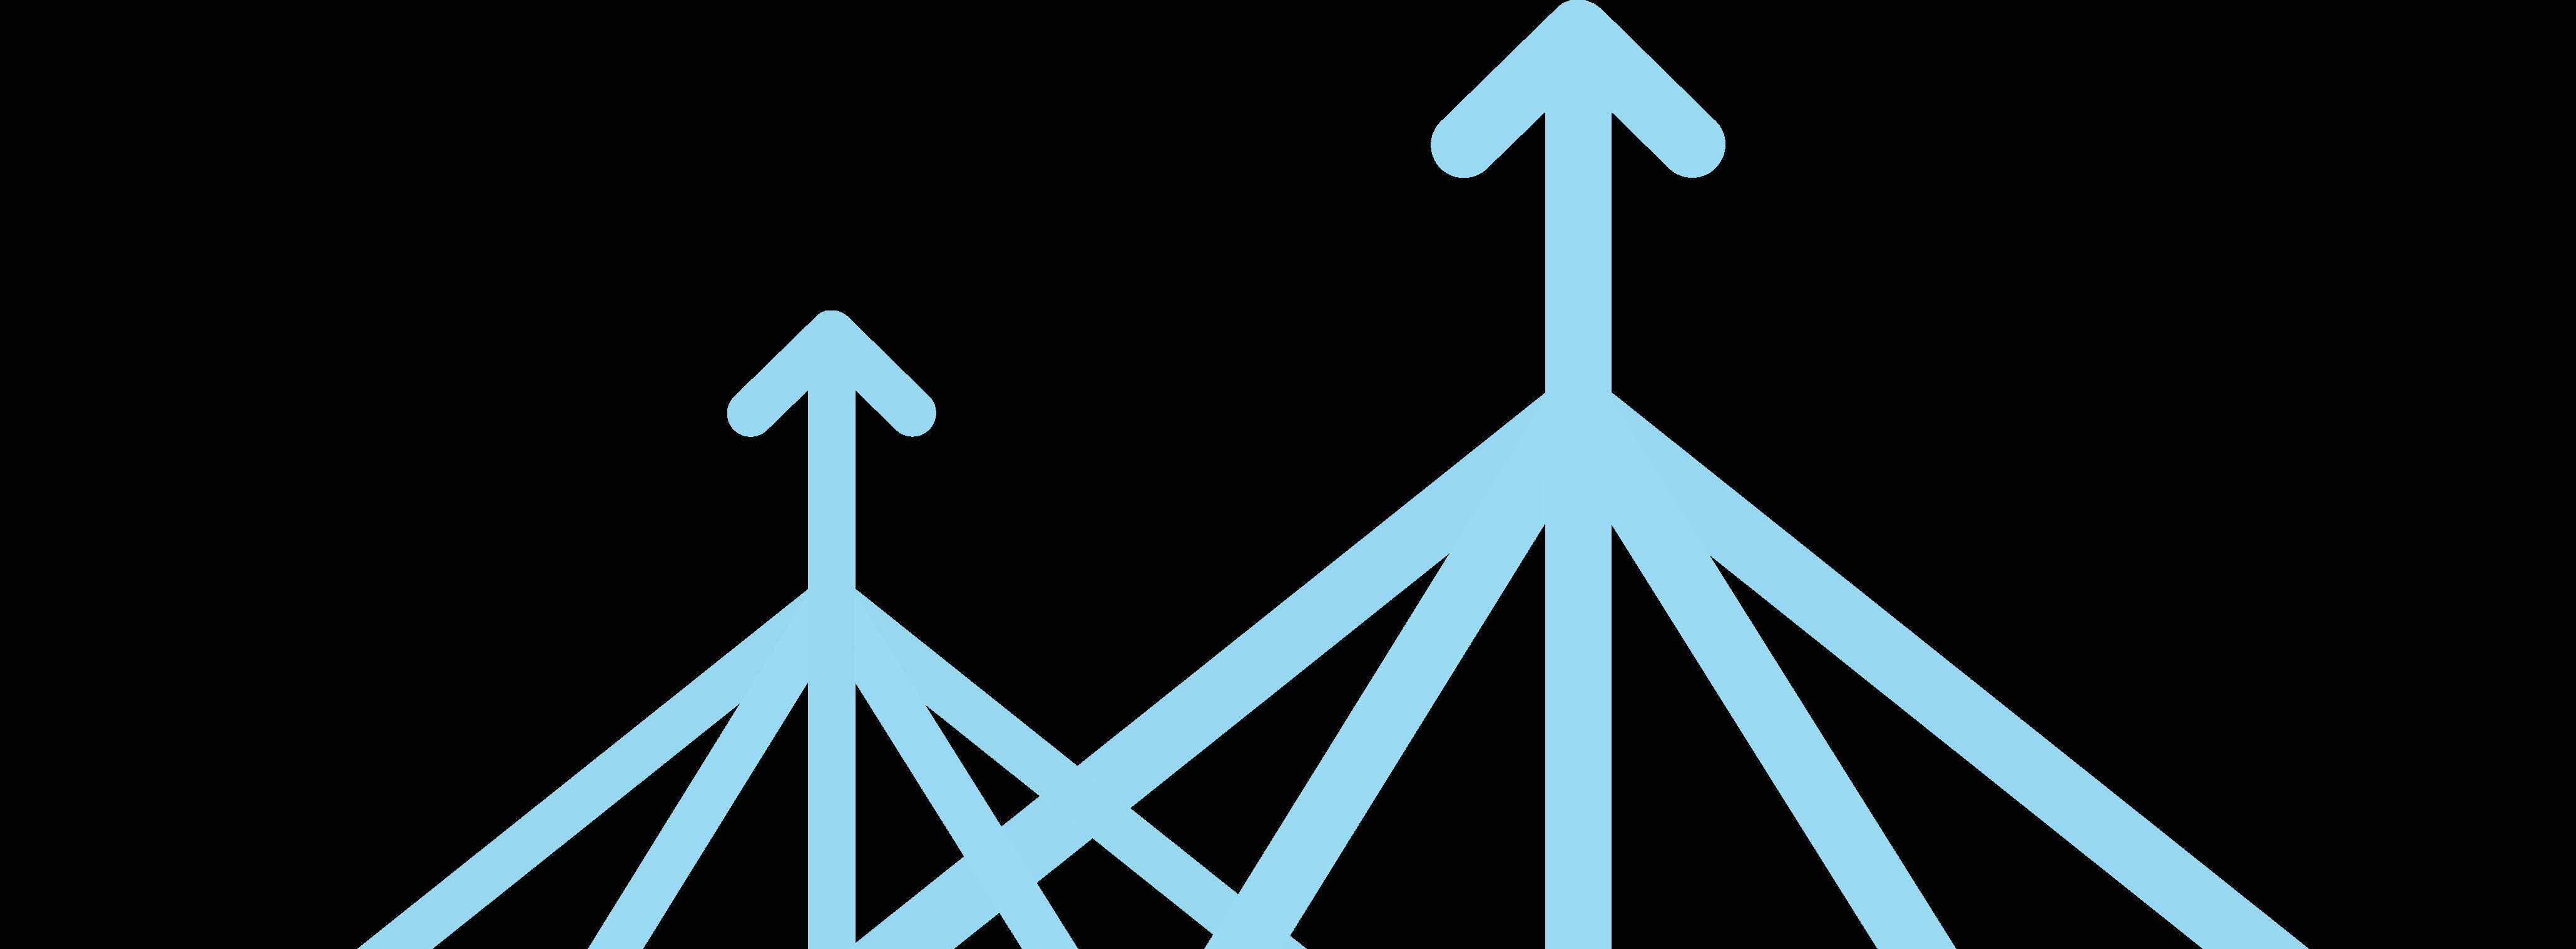 Mehrere Linien, die zu einer Linie mit einem nach oben zeigenden Pfeil zusammenlaufen, stellen dar, wie Arbeitsabläufe gestrafft werden können